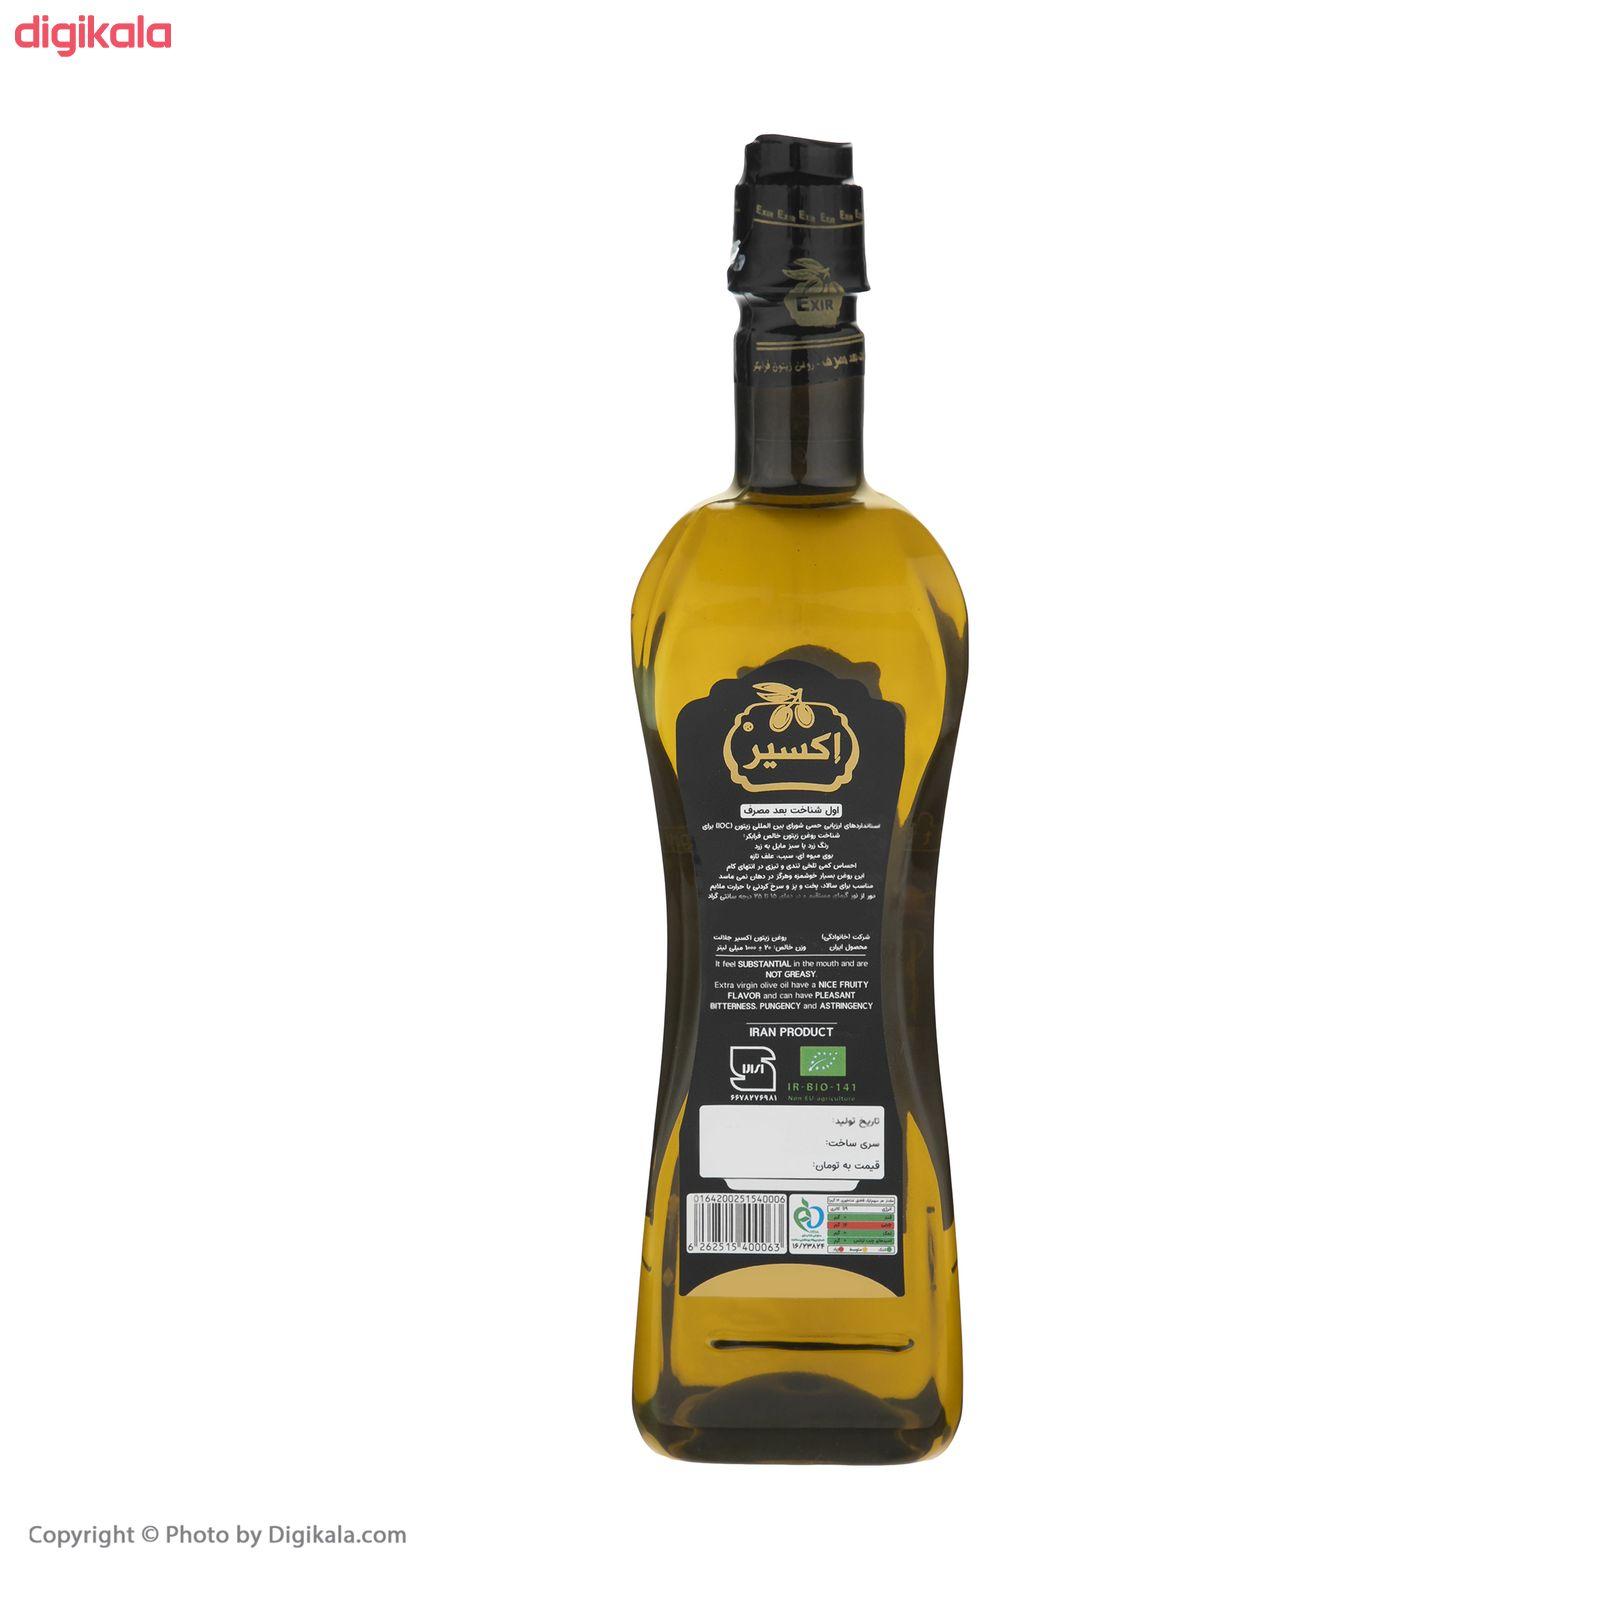 روغن زیتون ارگانیک فرابکر اکسیر - 1 لیتر main 1 2